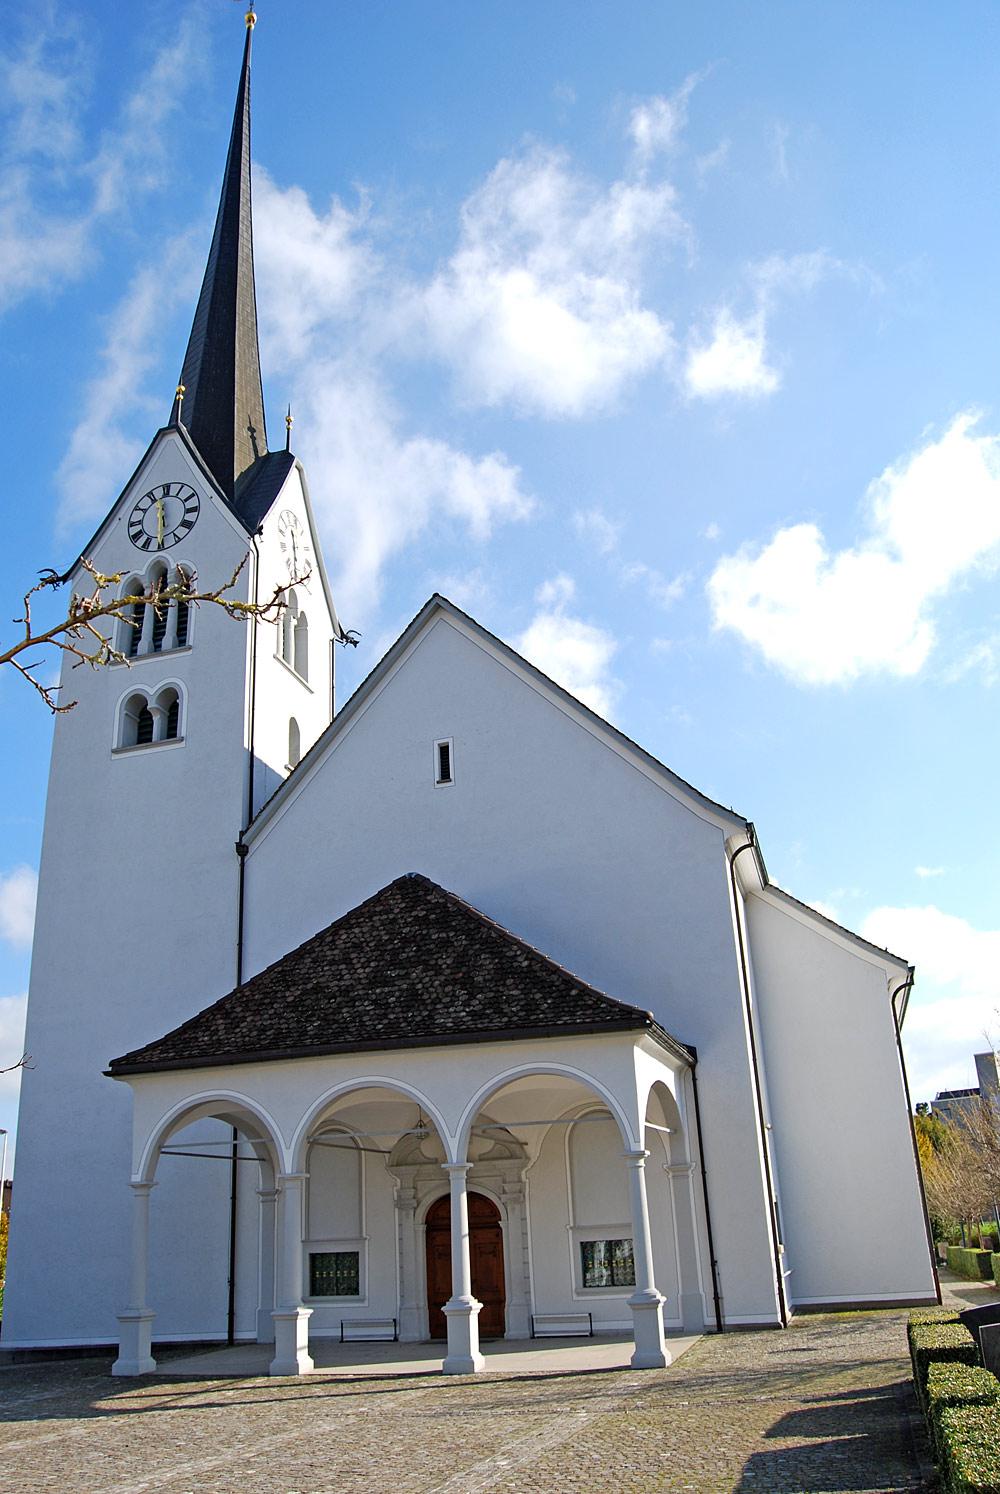 Außenansicht der Pfarrkirche St. Michael in Altendorf